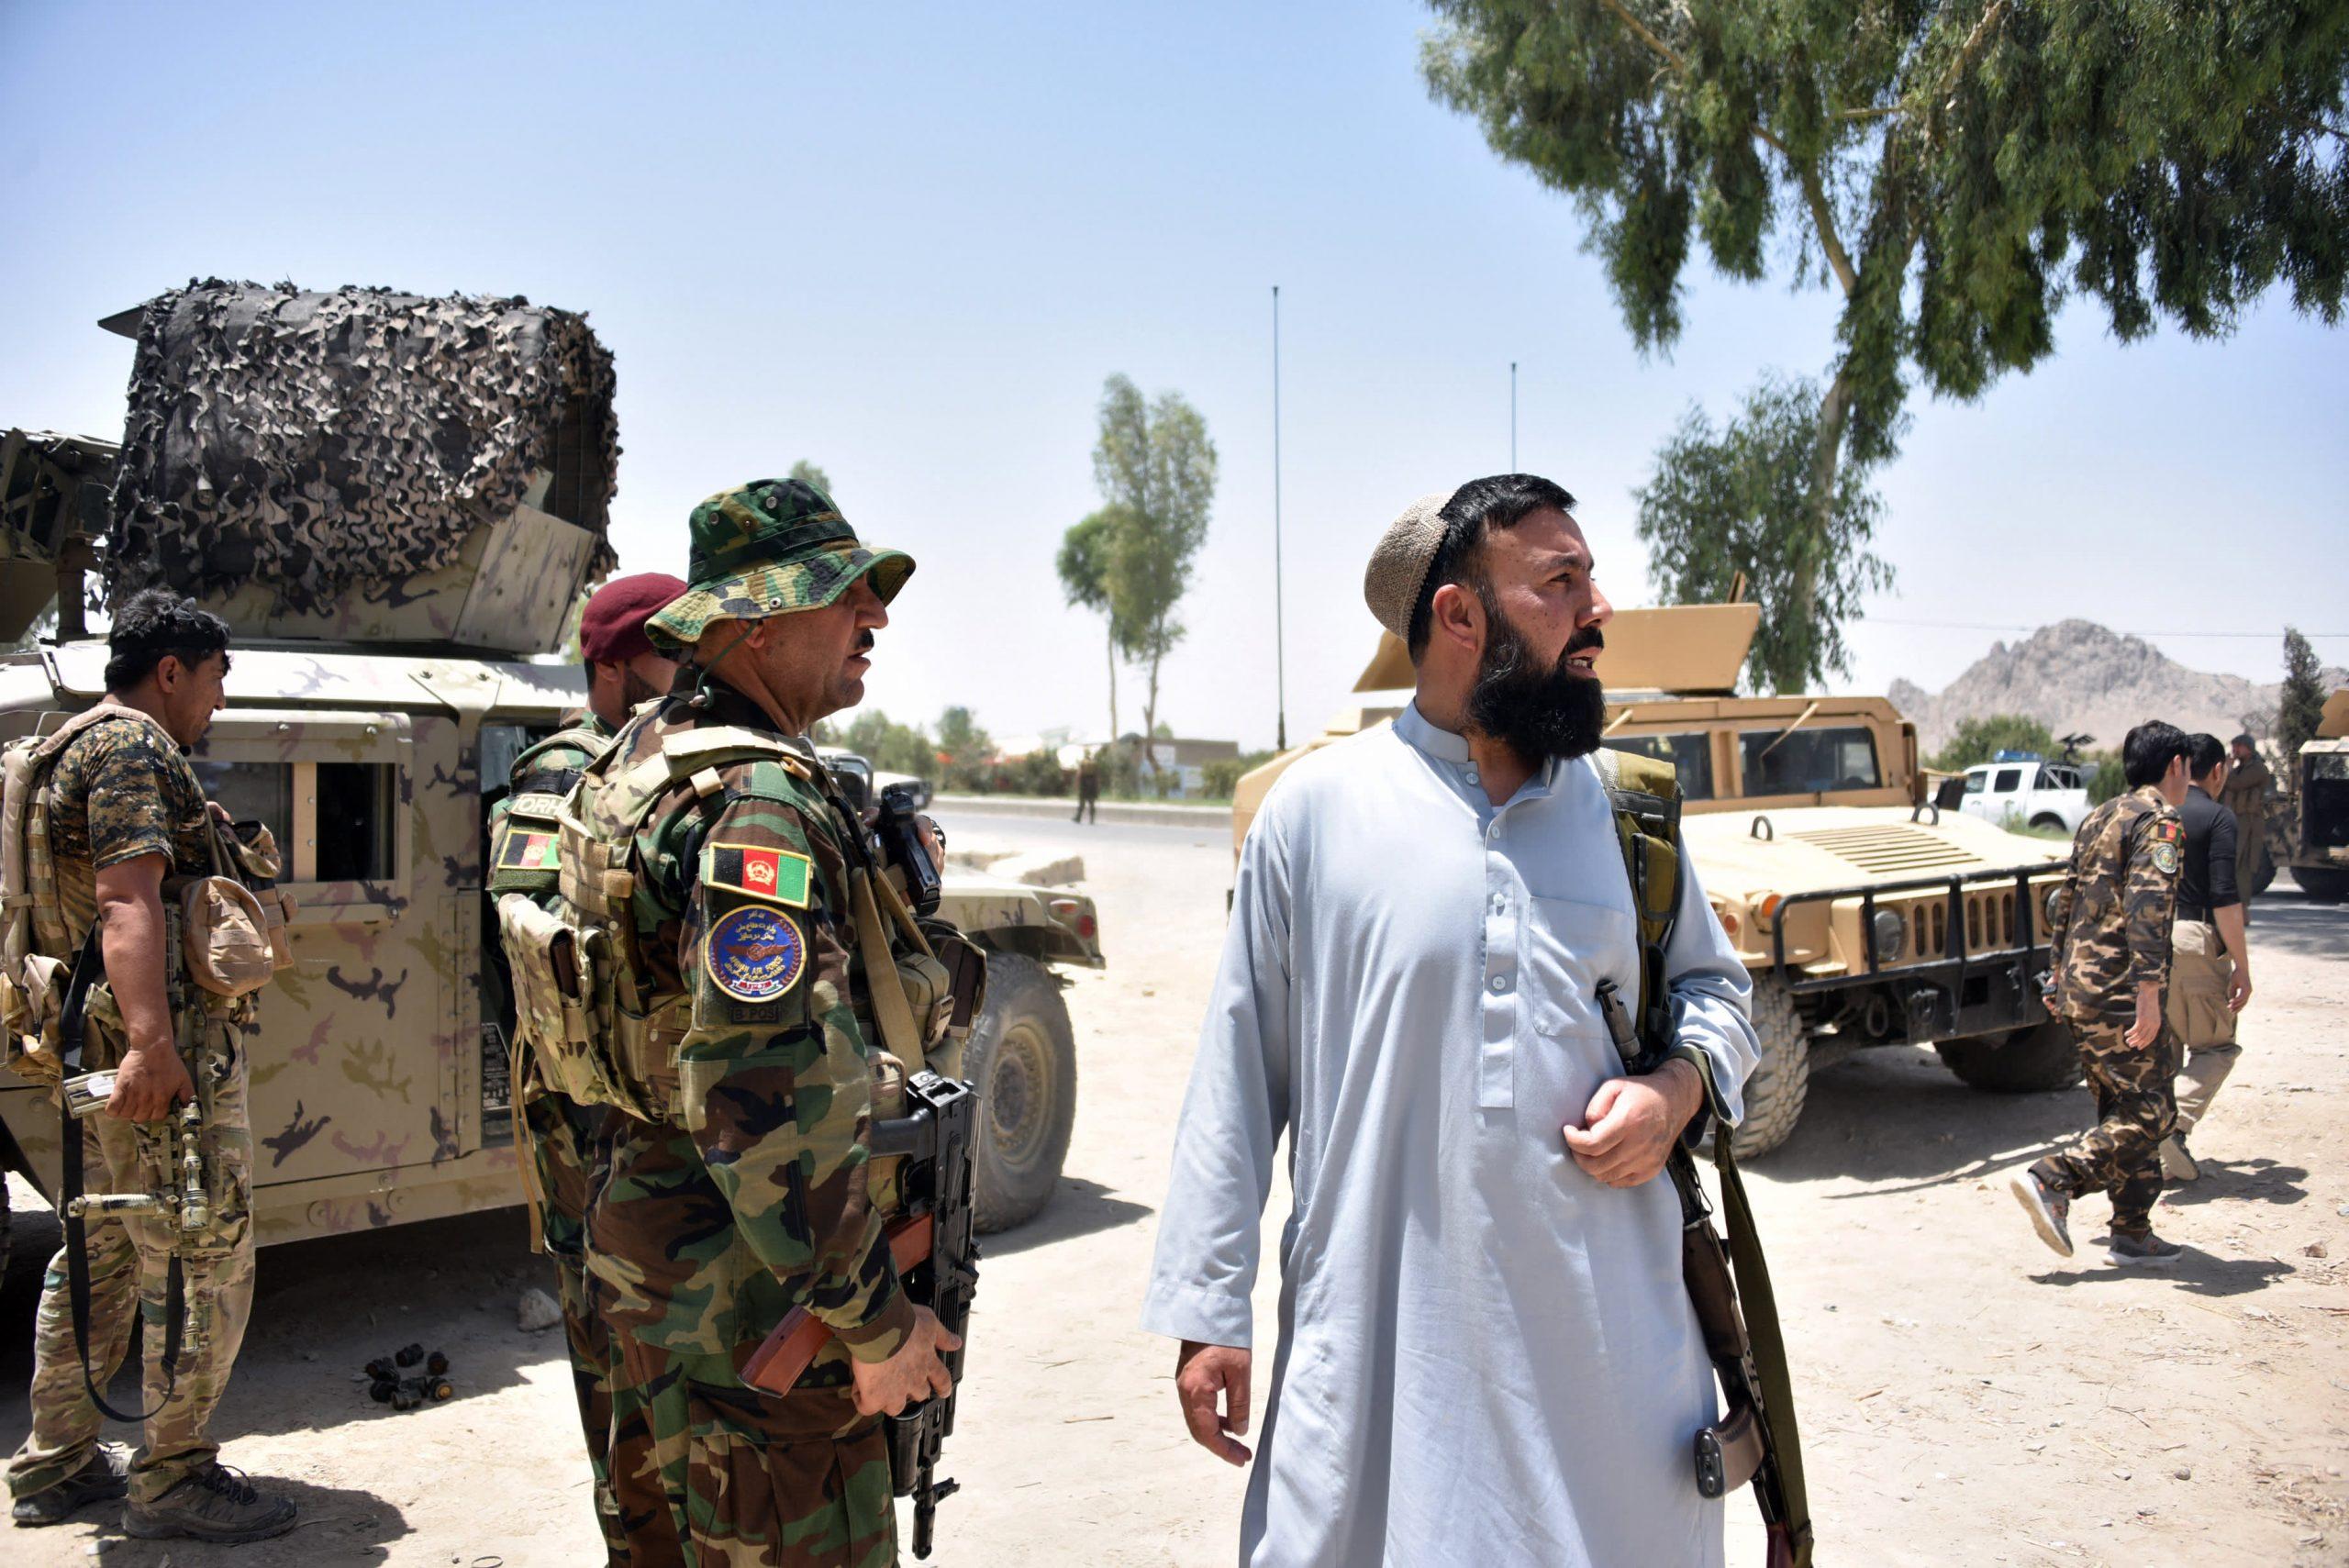 Las víctimas civiles en Afganistán alcanzaron niveles récord en medio de la retirada de Estados Unidos, según un informe de la ONU